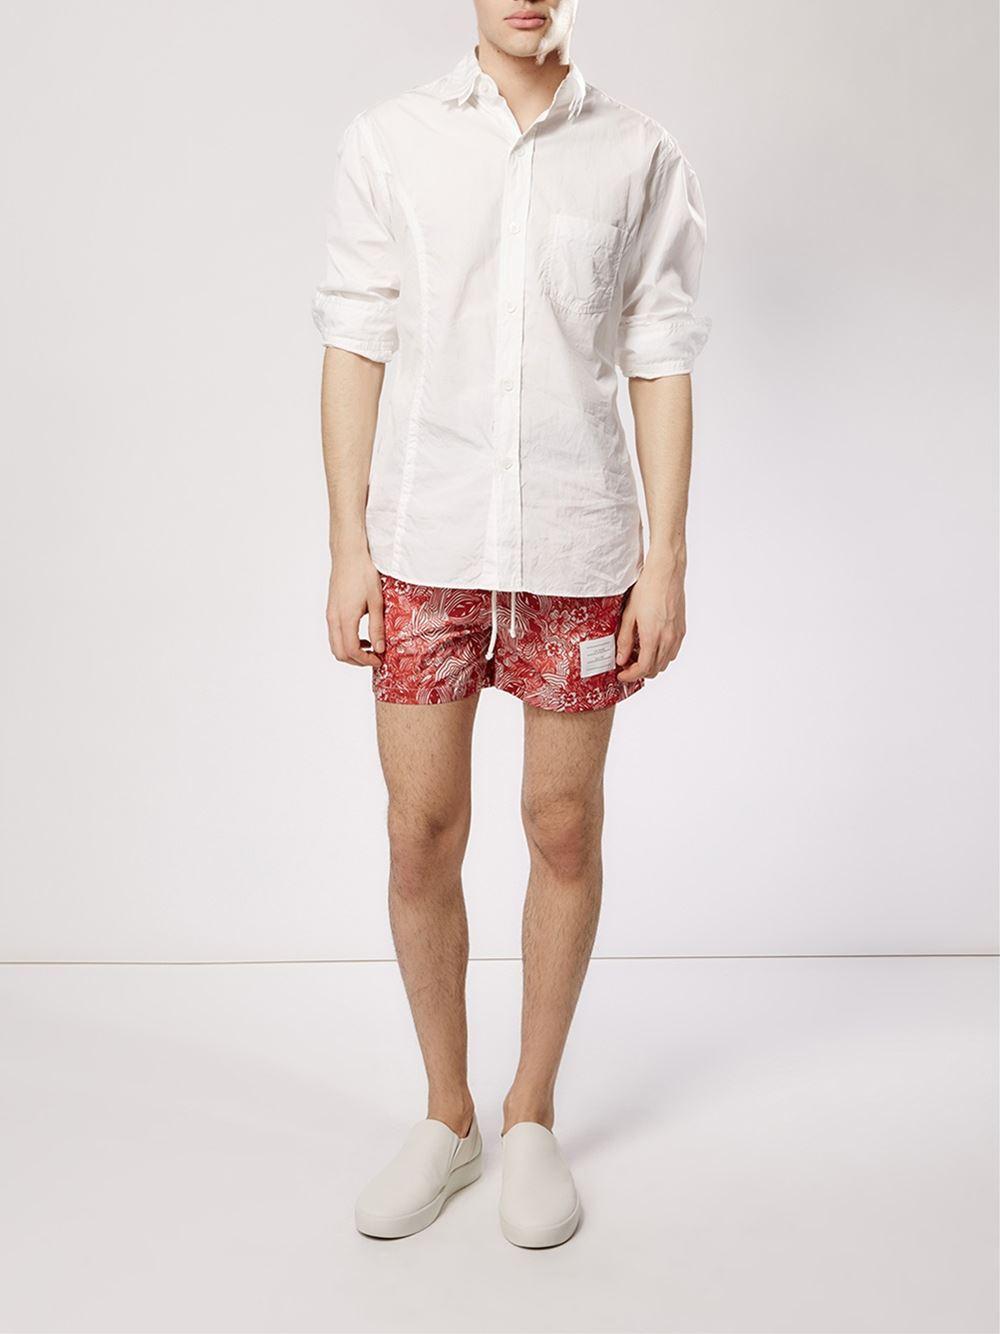 ハイブランド夏ファッションアイテム (7)